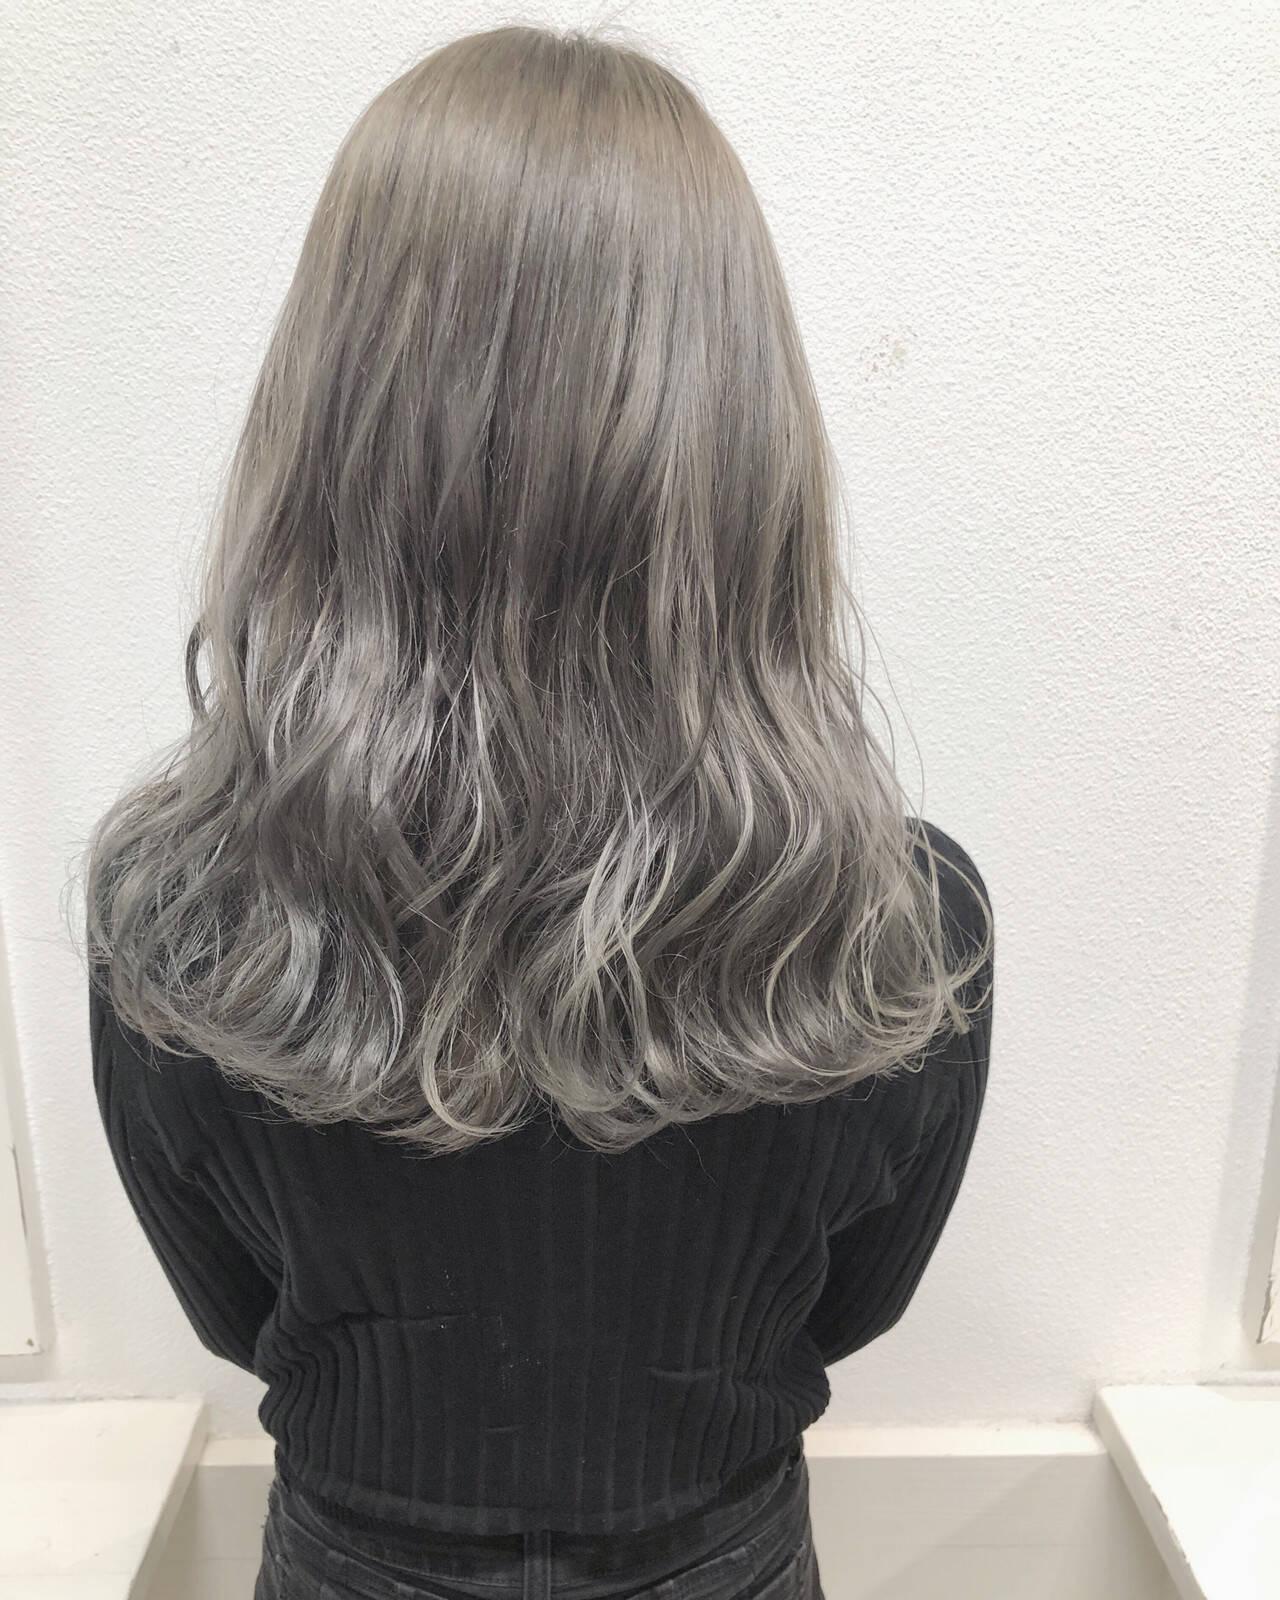 バレイヤージュ コントラストハイライト セミロング 外国人風カラーヘアスタイルや髪型の写真・画像